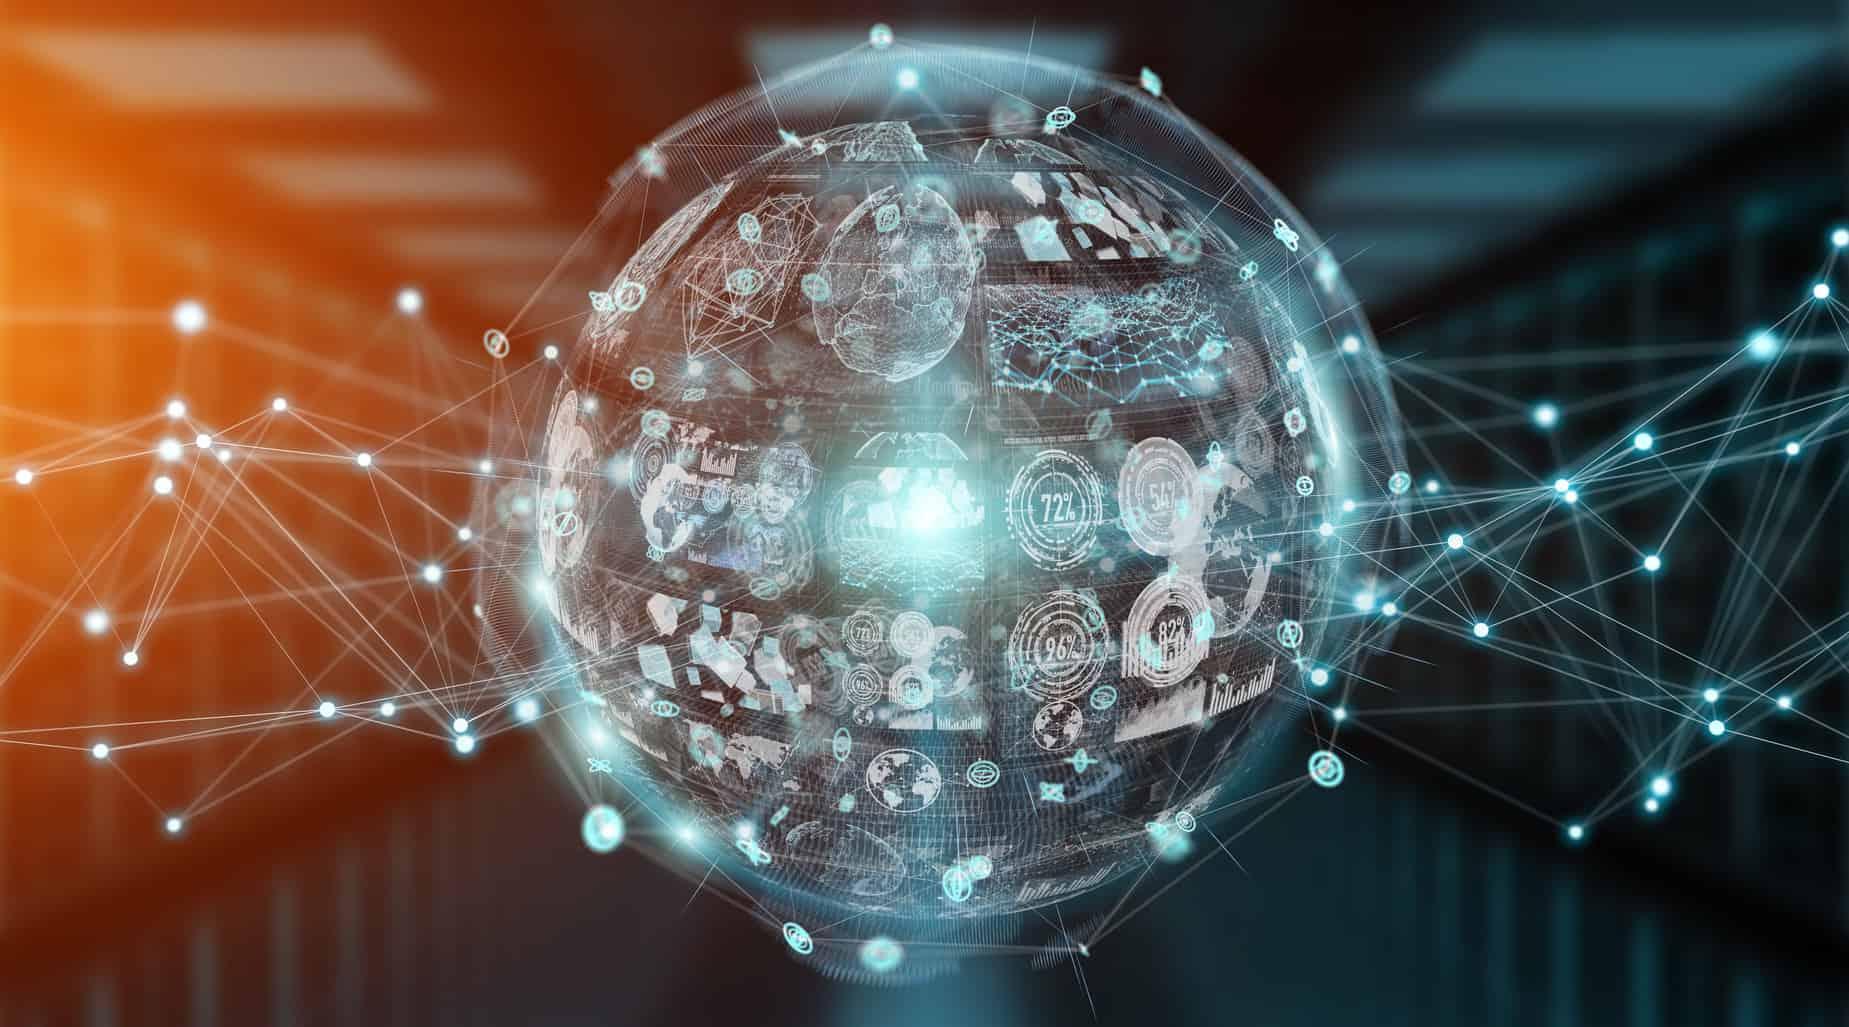 ADN 2018 se compone por seis pilares: diseño institucional para la transformación, política fiscal para el desarrollo, marco gubernamental eficaz, vida y sociedad digitales, competitividad digital y telecomunicaciones de vanguardia.